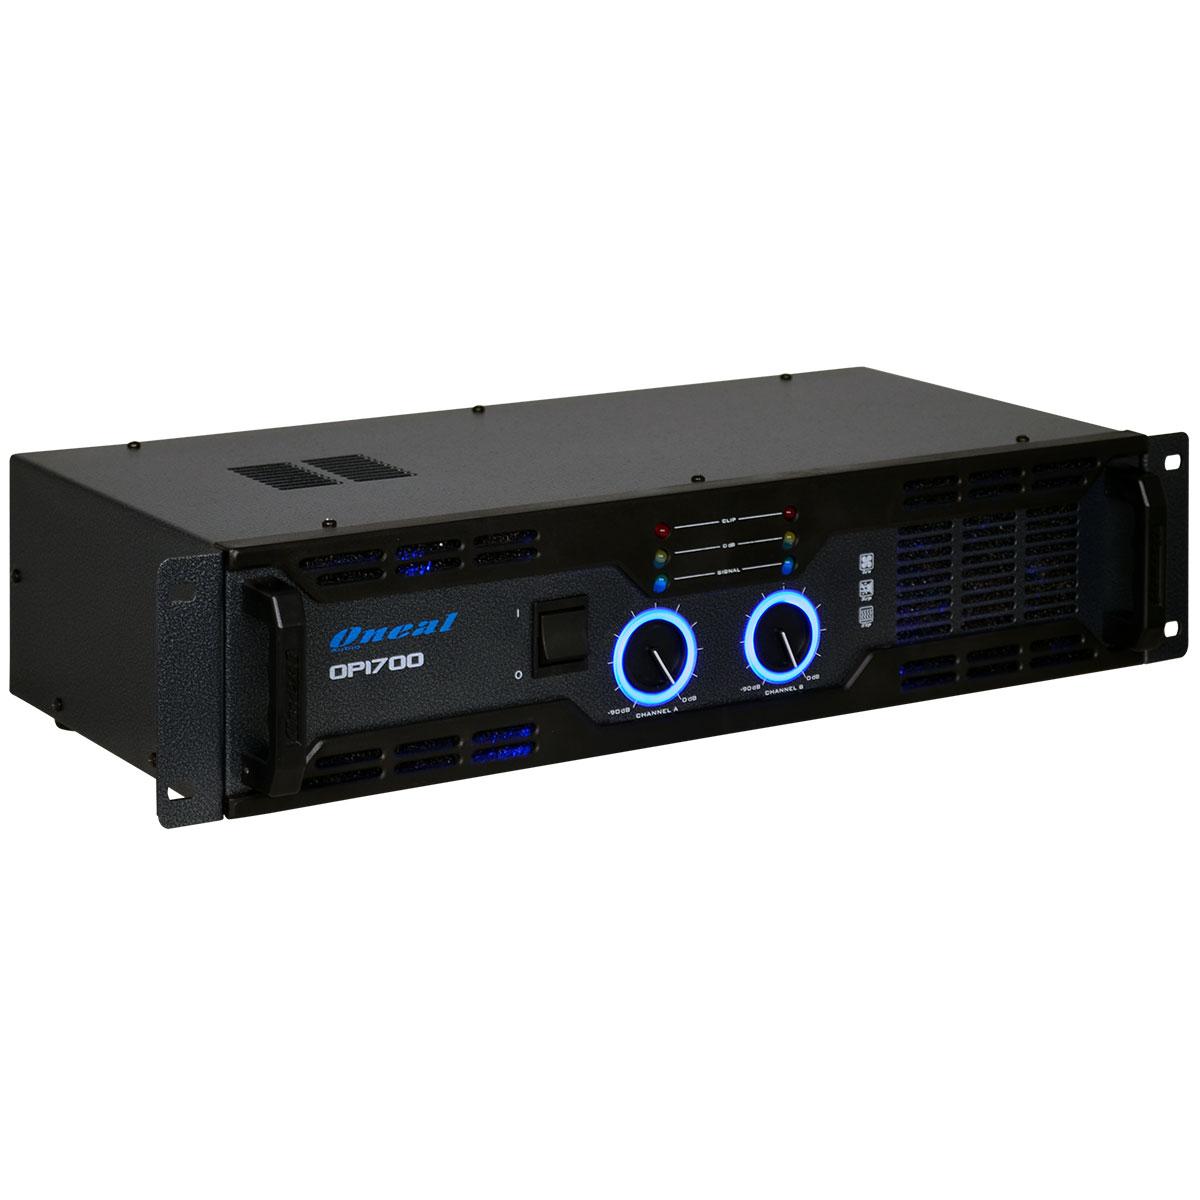 Amplificador Estéreo 2 Canais 220W RMS ( Total ) OP 1700 - Oneal